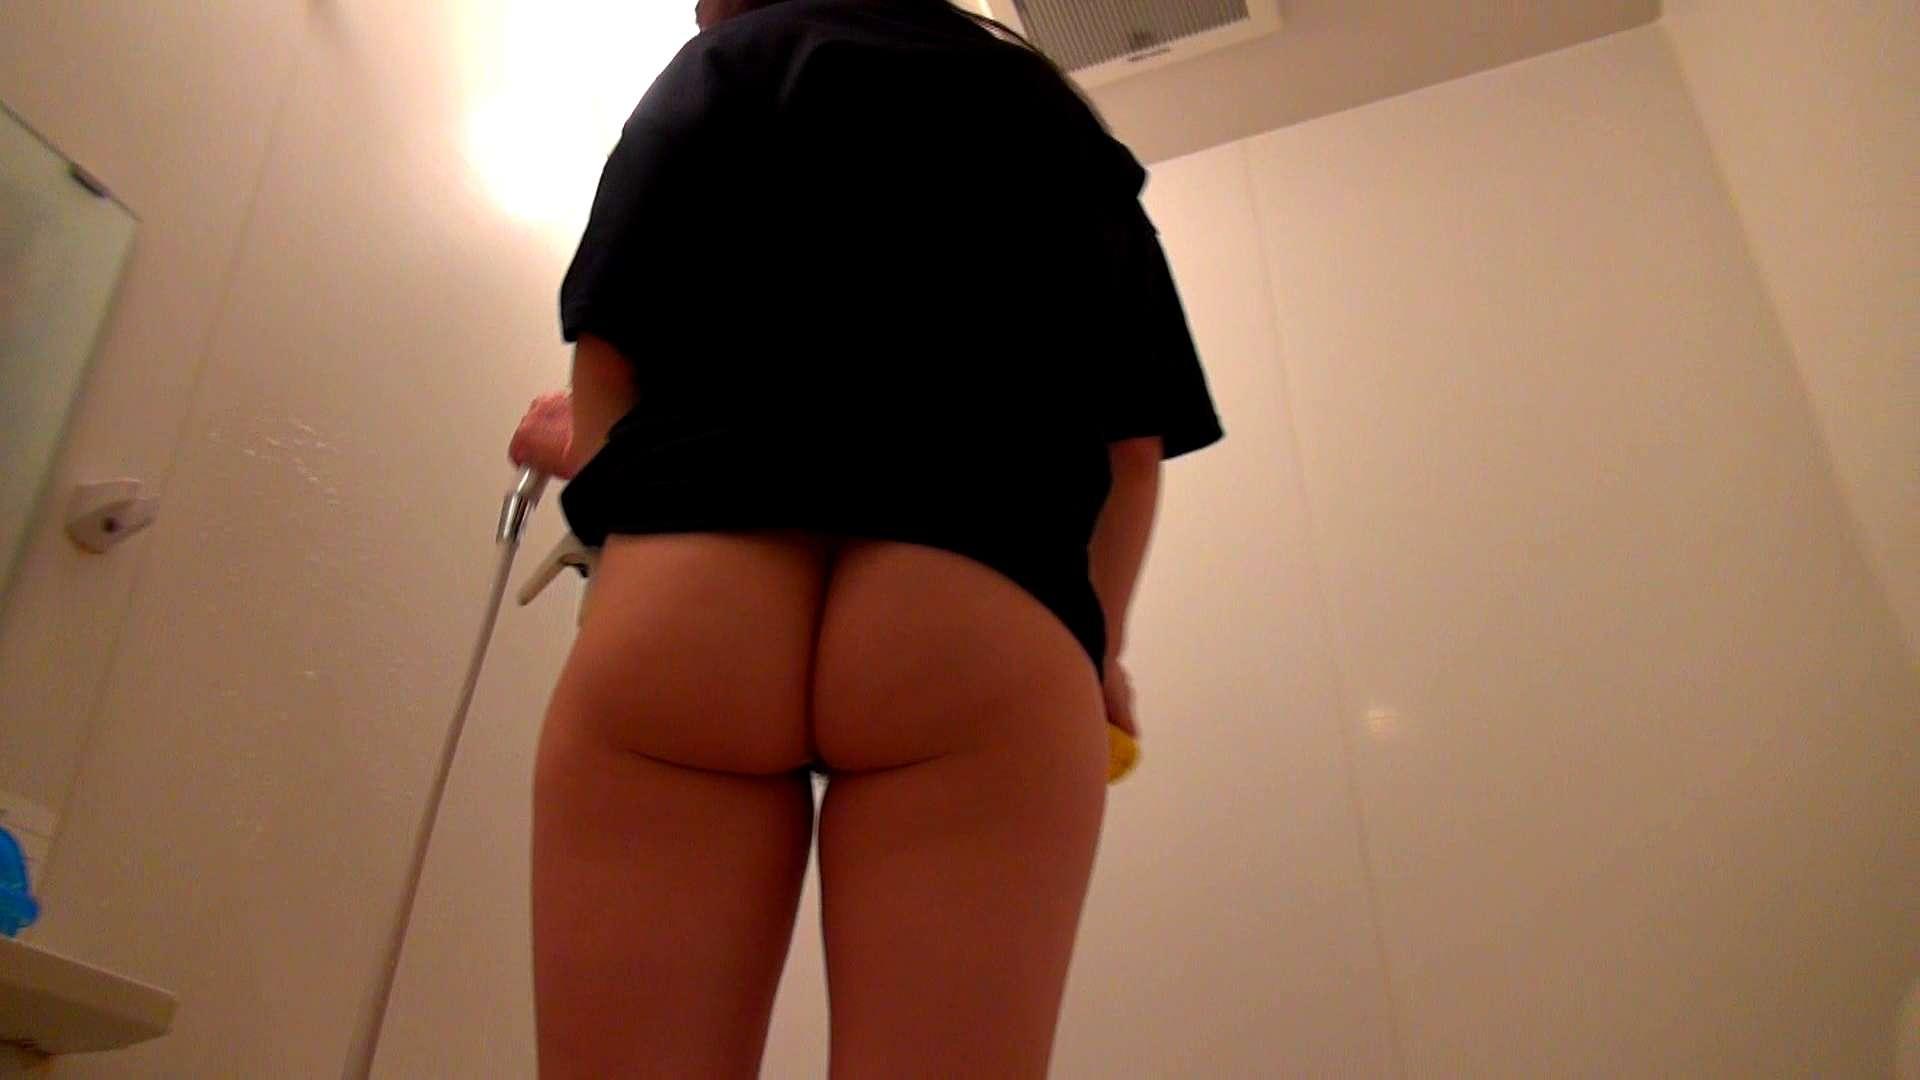 下半身裸で風呂の掃除をしてもらいました。 熟女 戯れ無修正画像 71PIX 67